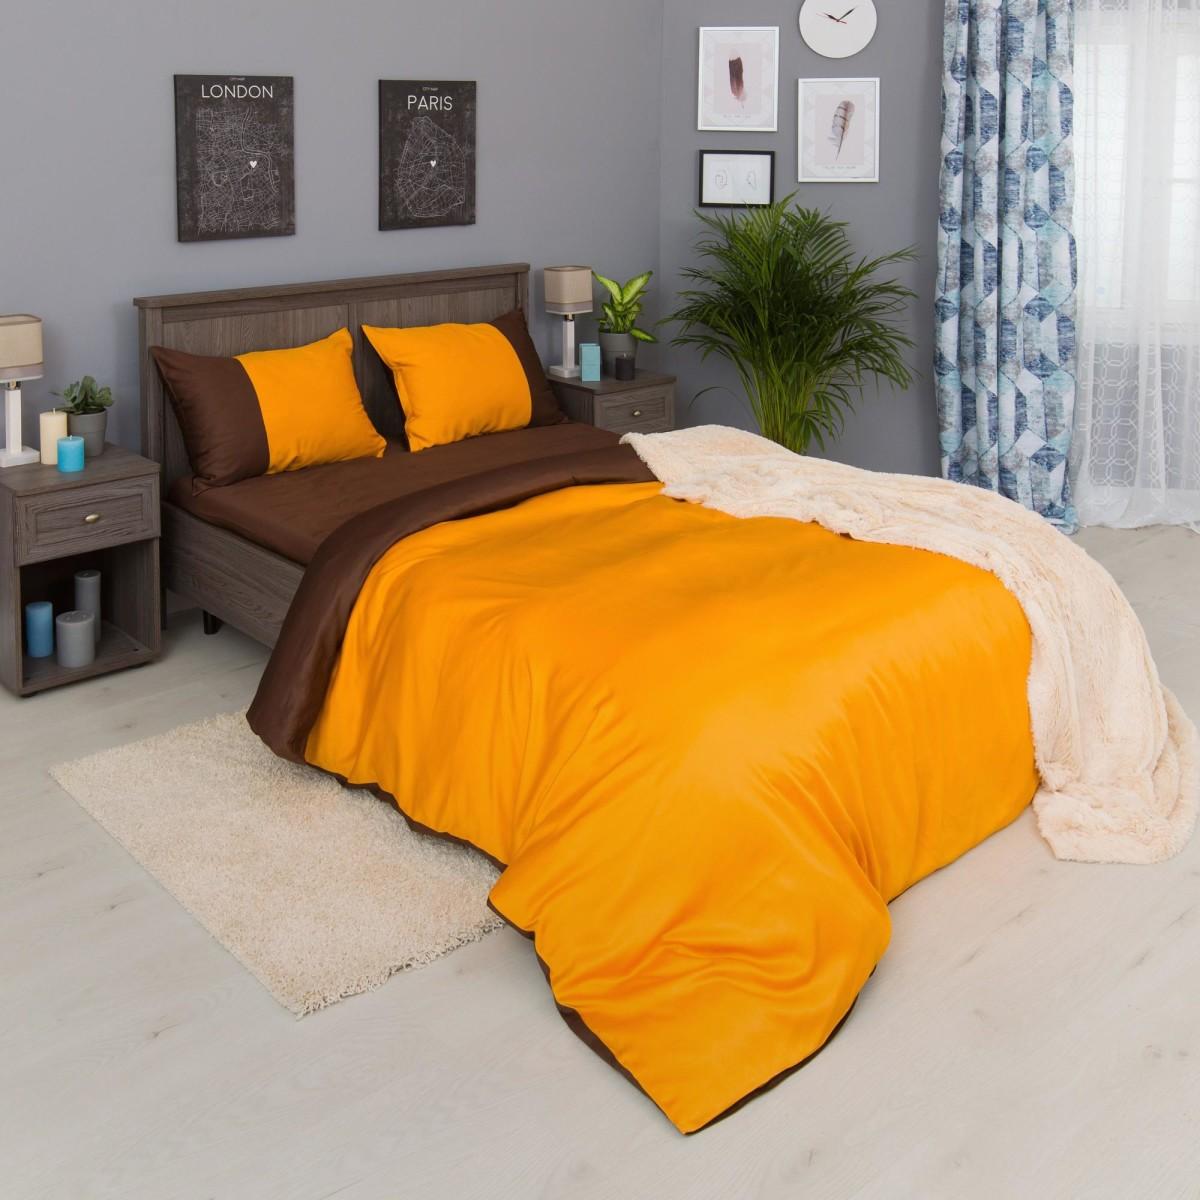 Комплект Постельного Белья Orange-Choco Fresh Полутораспальный Сатин